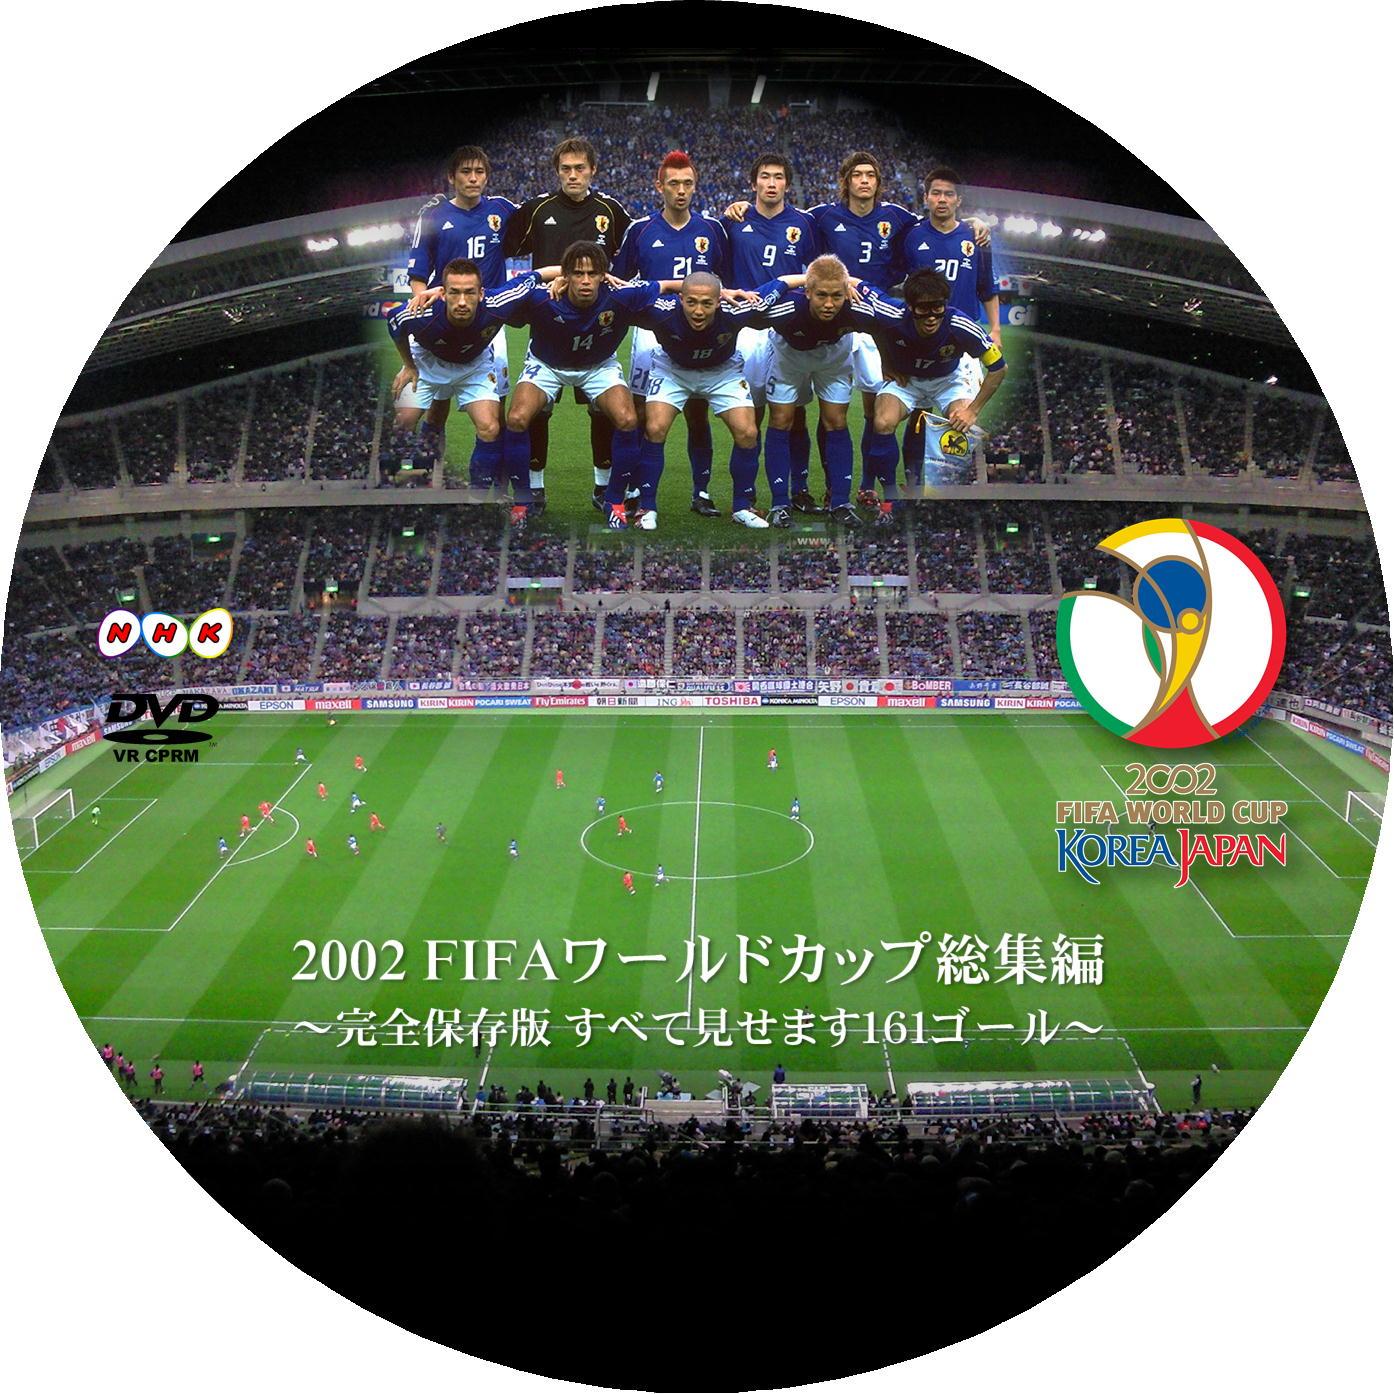 2002 FIFA ワールドカップ総集編 DVDラベル